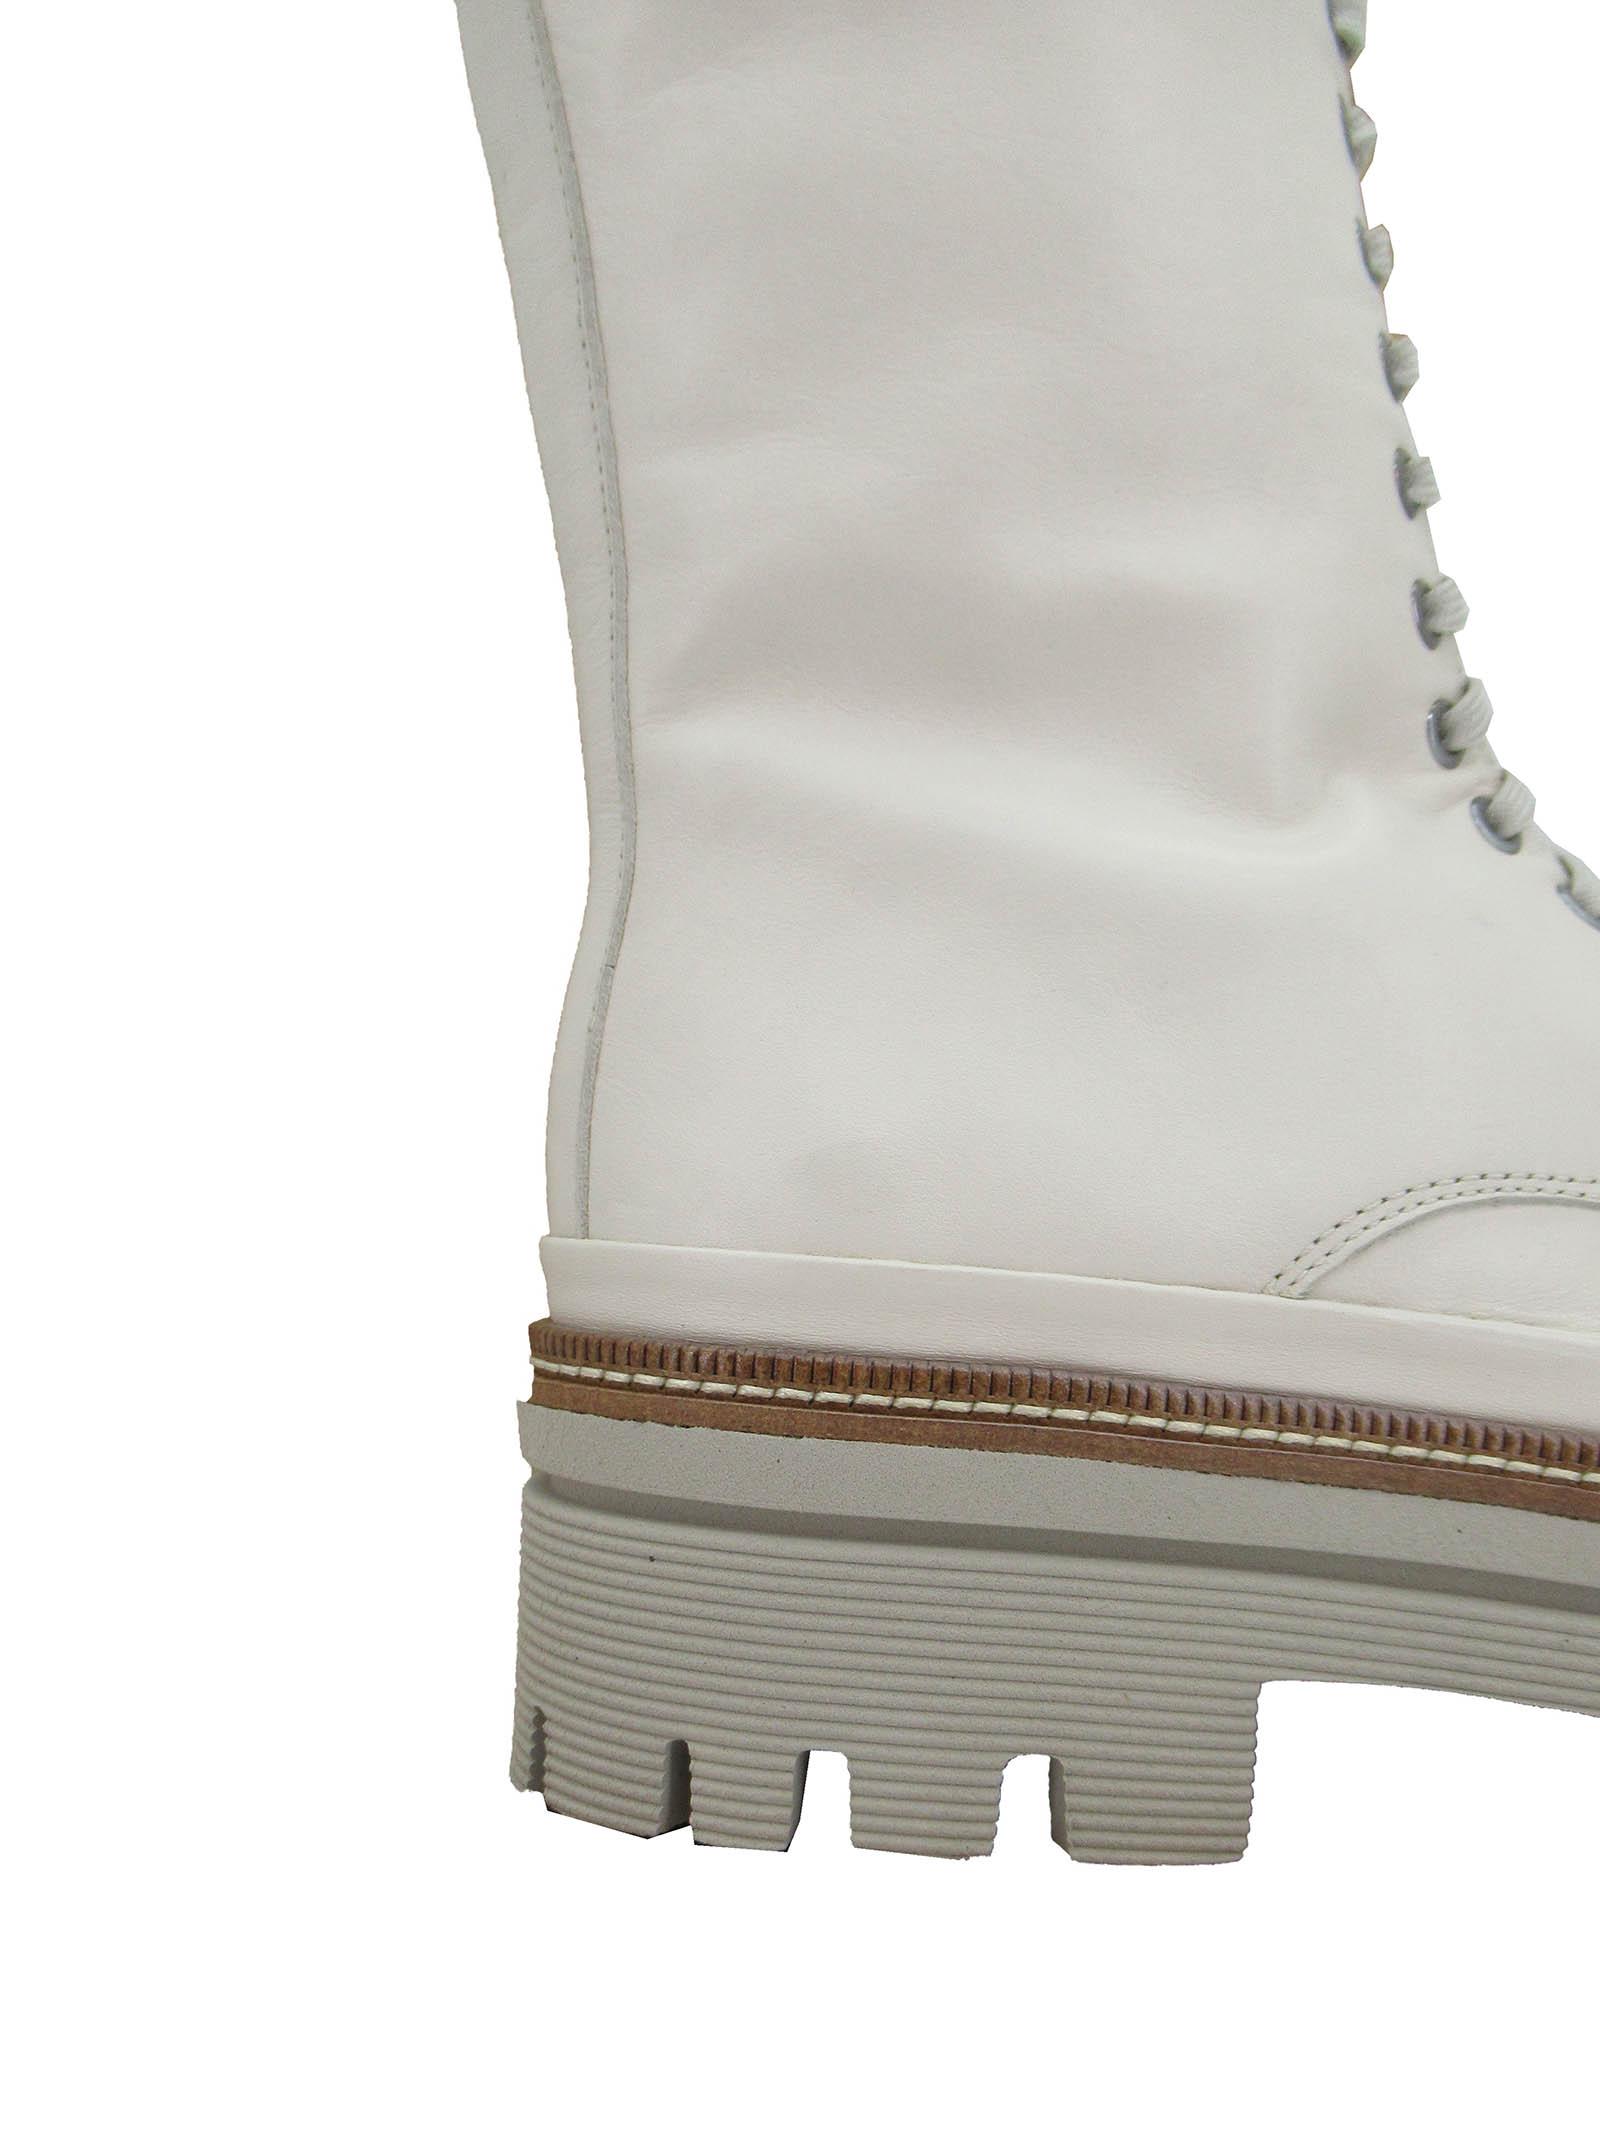 Calzature Donna Stivaletti Anfibi Stringati in Pelle Off White con Zip Laterale e Fondo Gomma Carrarmato Pons Quintana | Stivaletti | 9424100